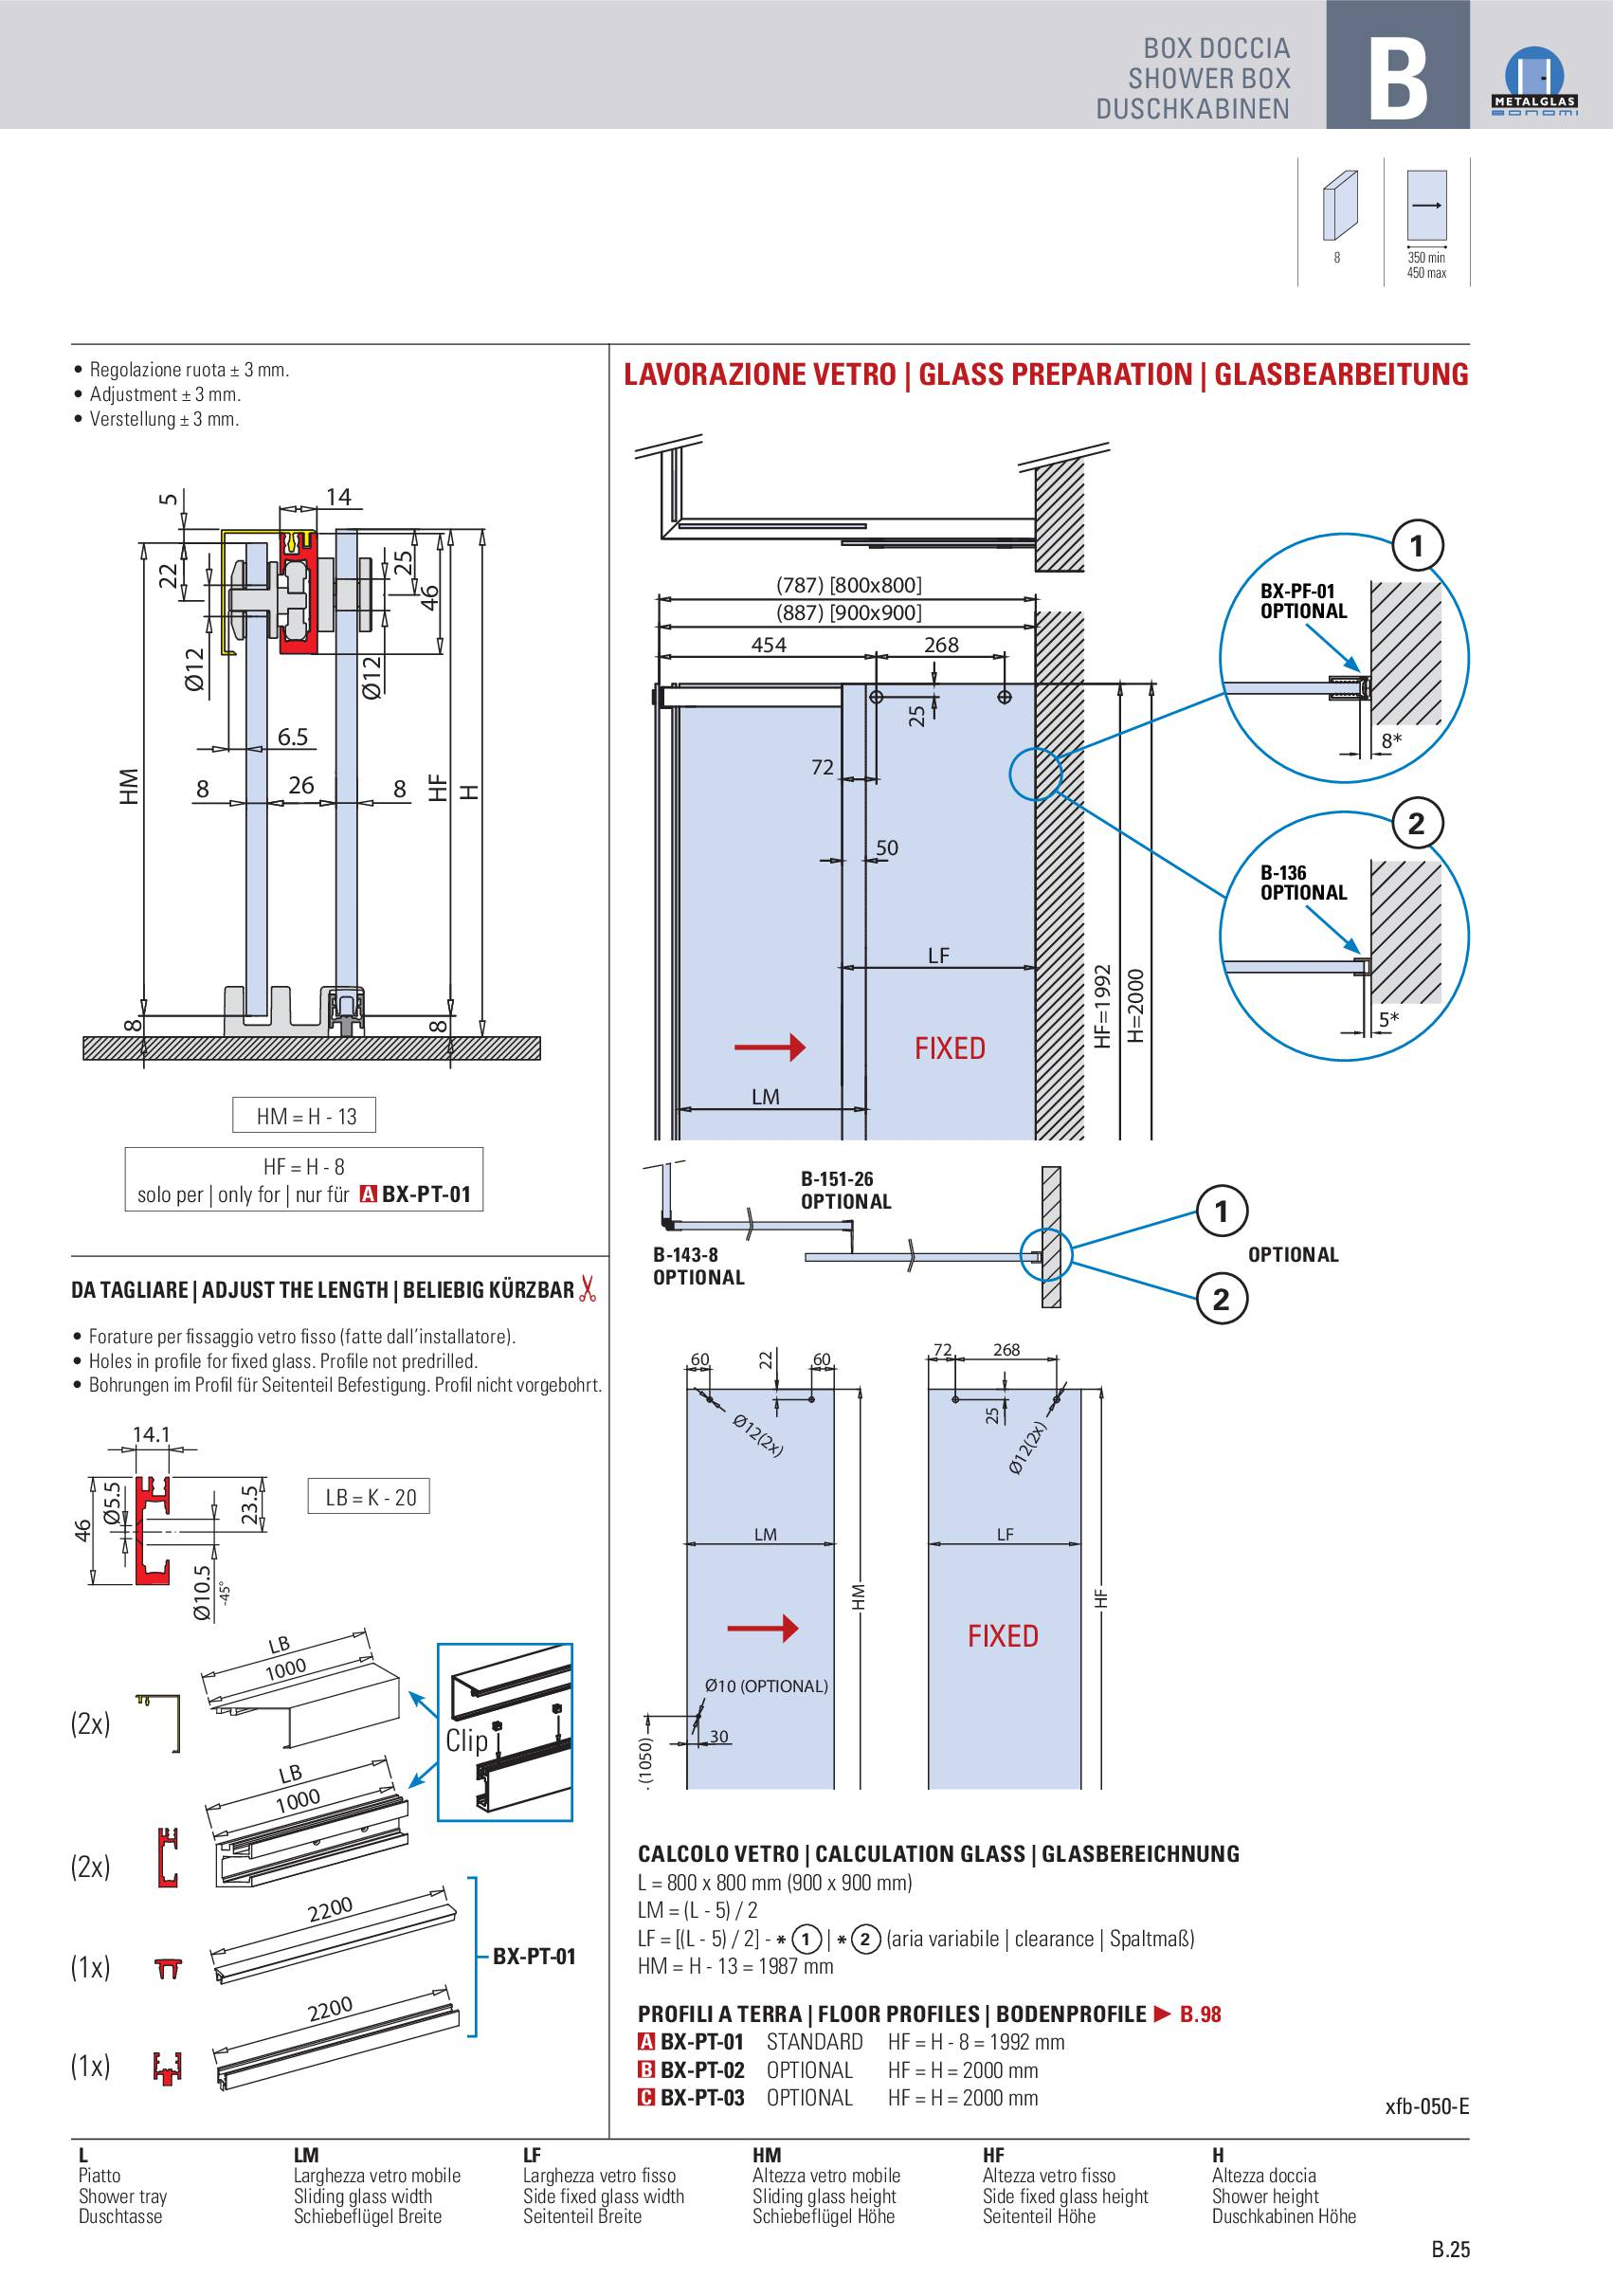 Metalglas – Box Doccia Metalglas catalogo sfogliabile interattivo